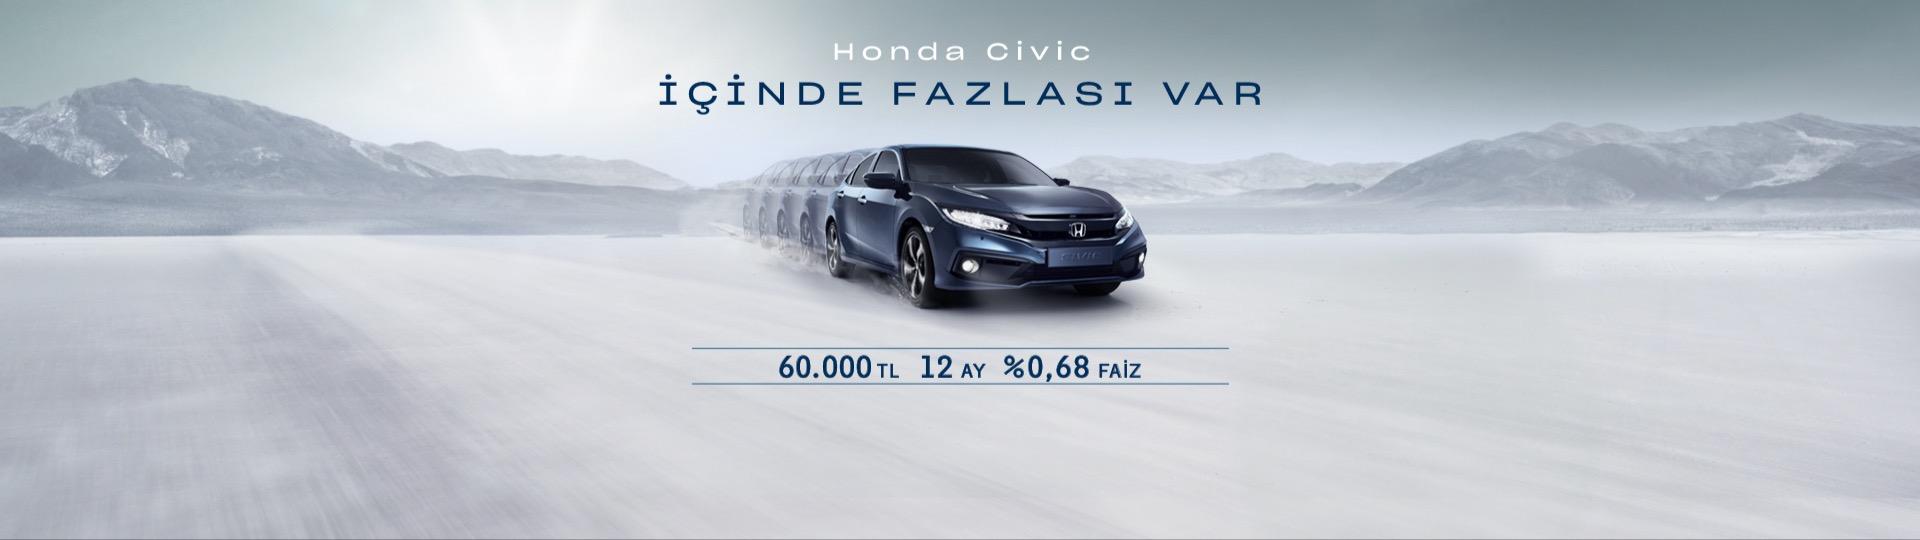 Honda Plaza  Kardelen Civic Sedan Hayalinize %0,68'lik Faiz Oranıyla Sahip Olun